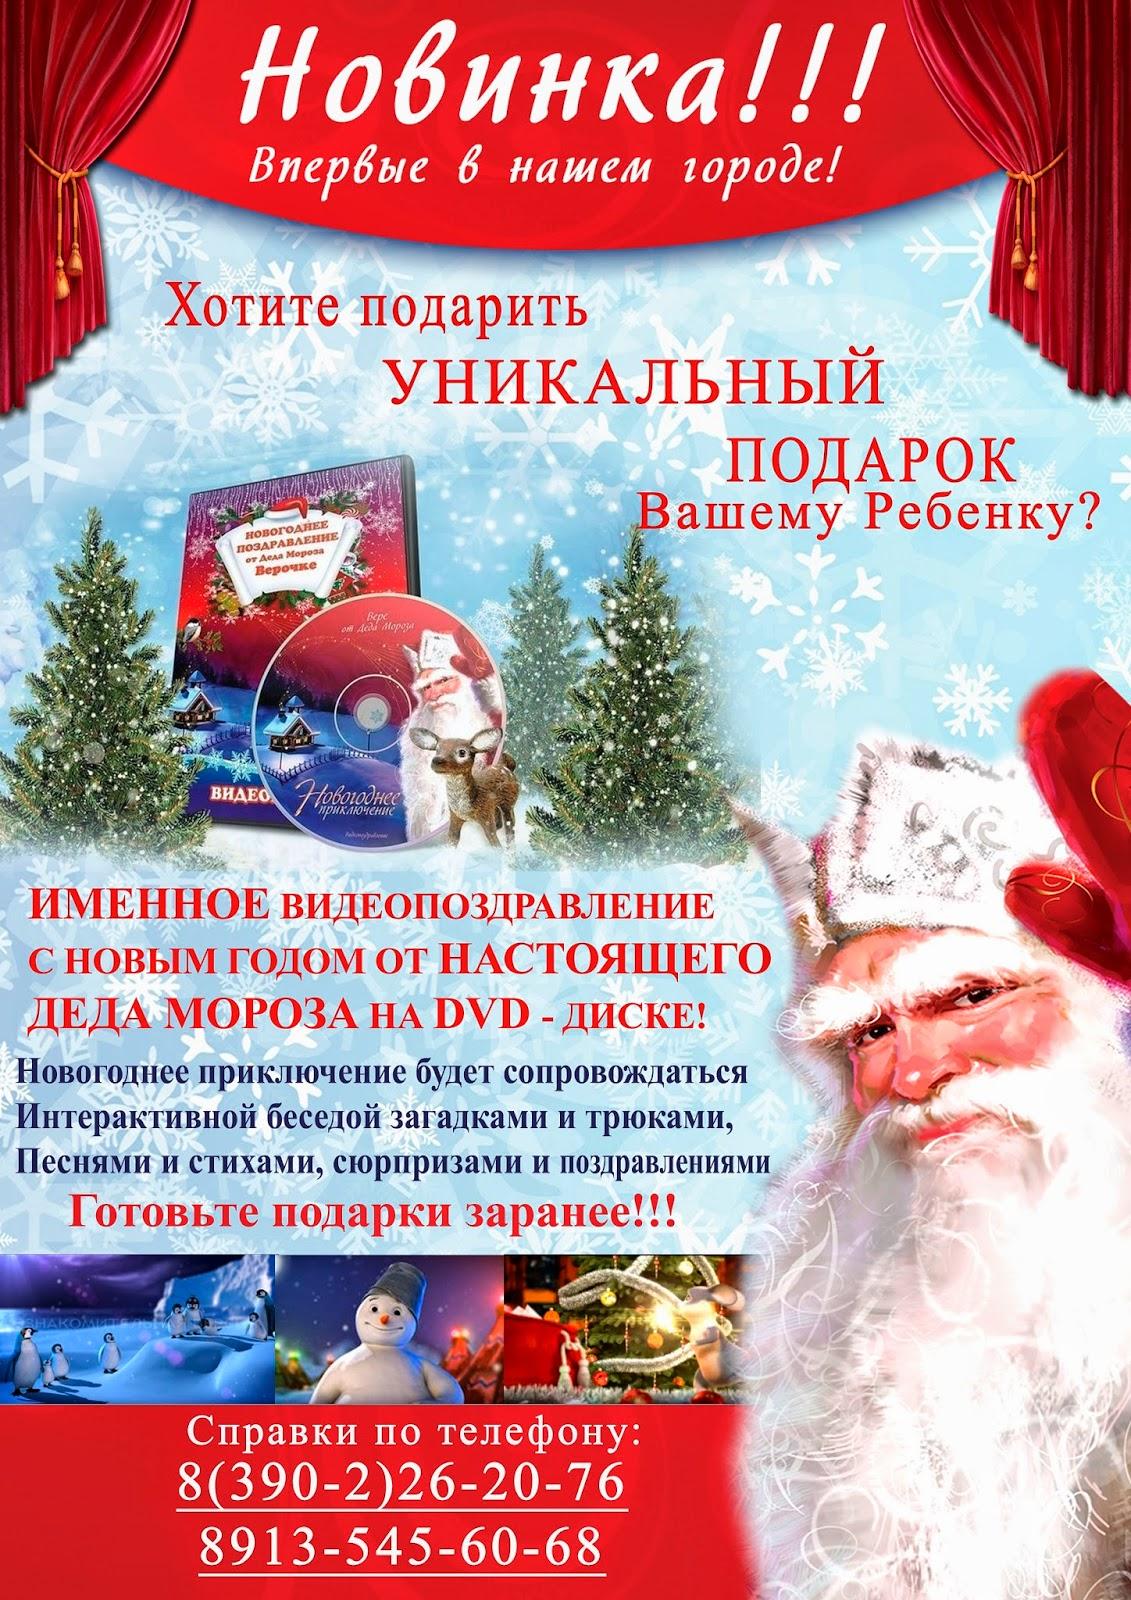 Новогодние поздравления от Деда Мороза и Снегурочки 77